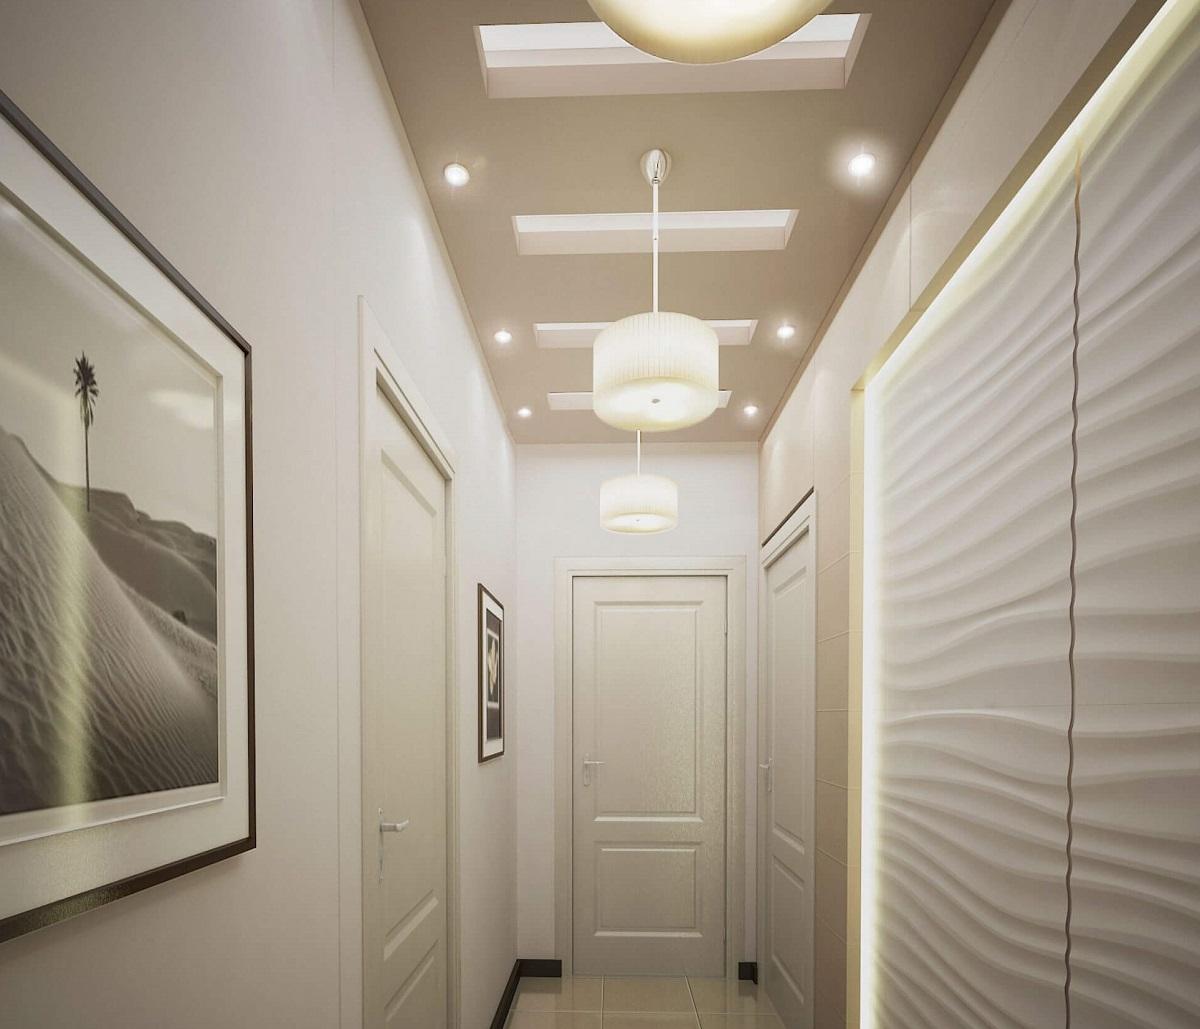 підвісні стелі в коридорі